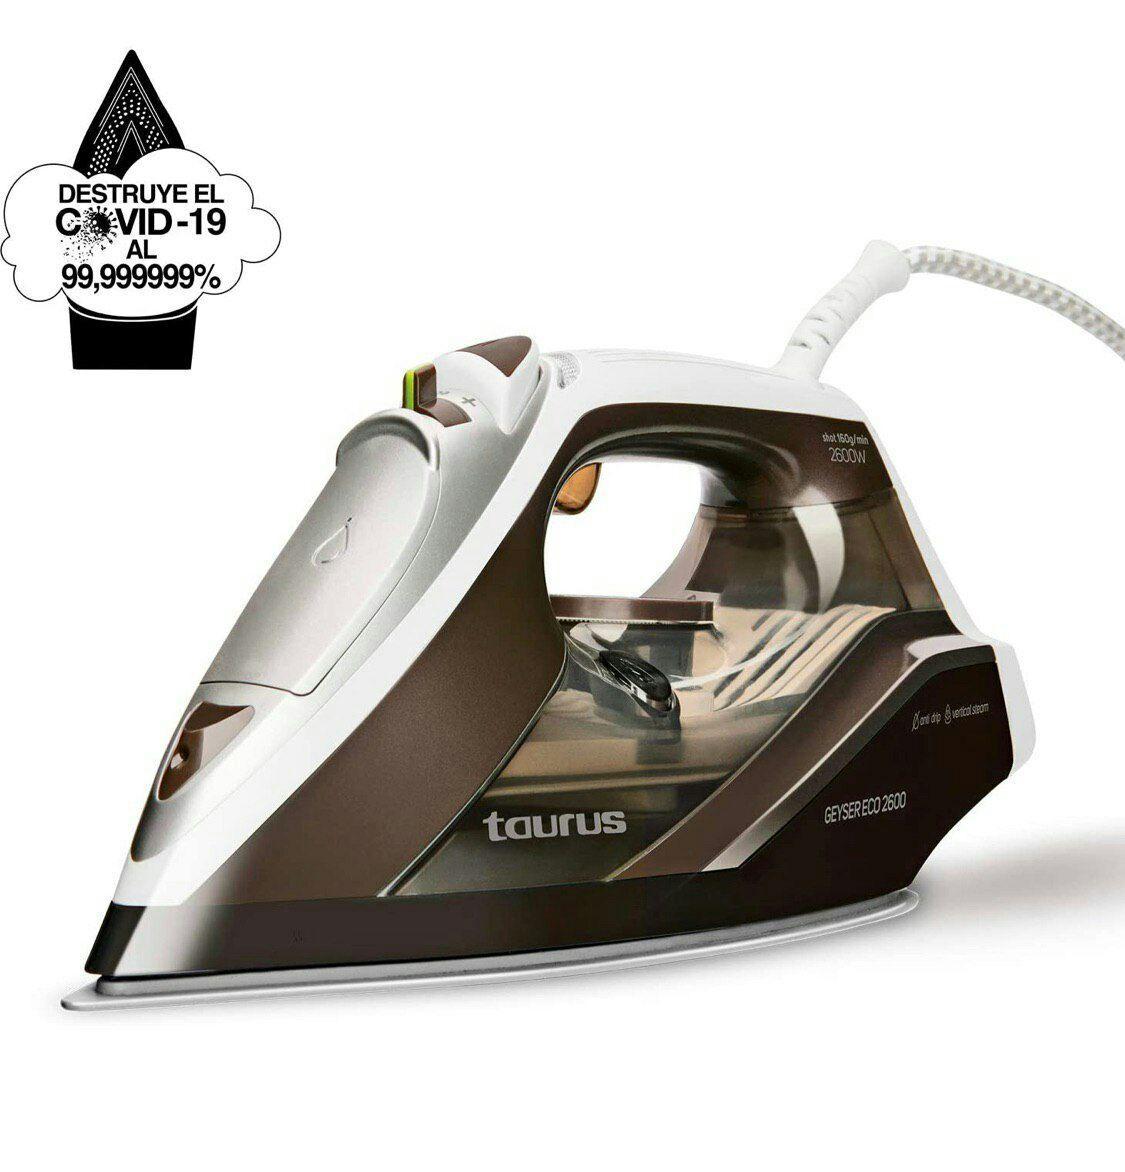 اتو دستی تاروس مدل geyser eco 2600